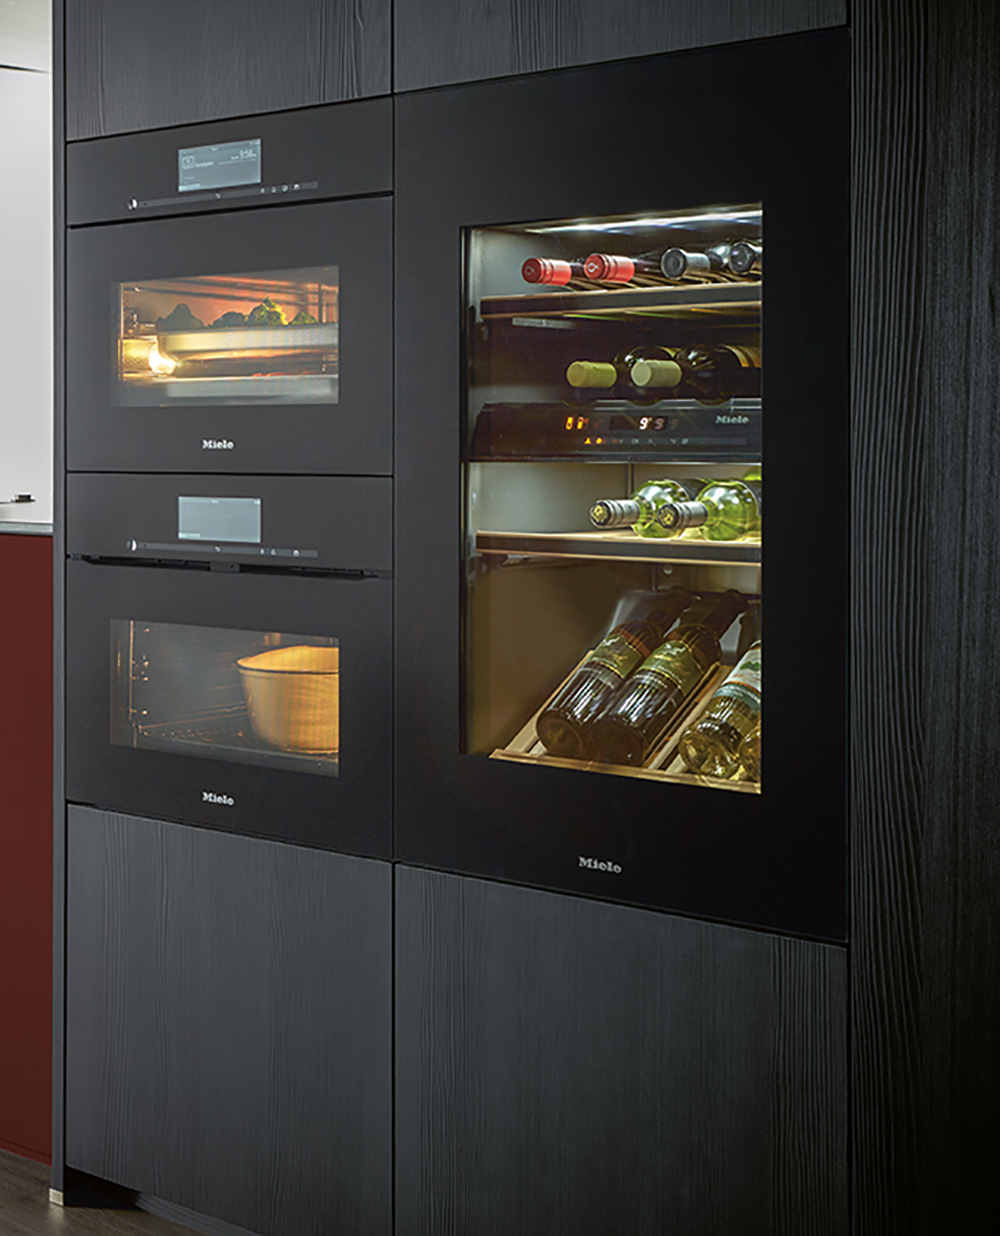 électroménager cave à vin four réfrigérateur intégré cuisine aménagée gris chic et moderne